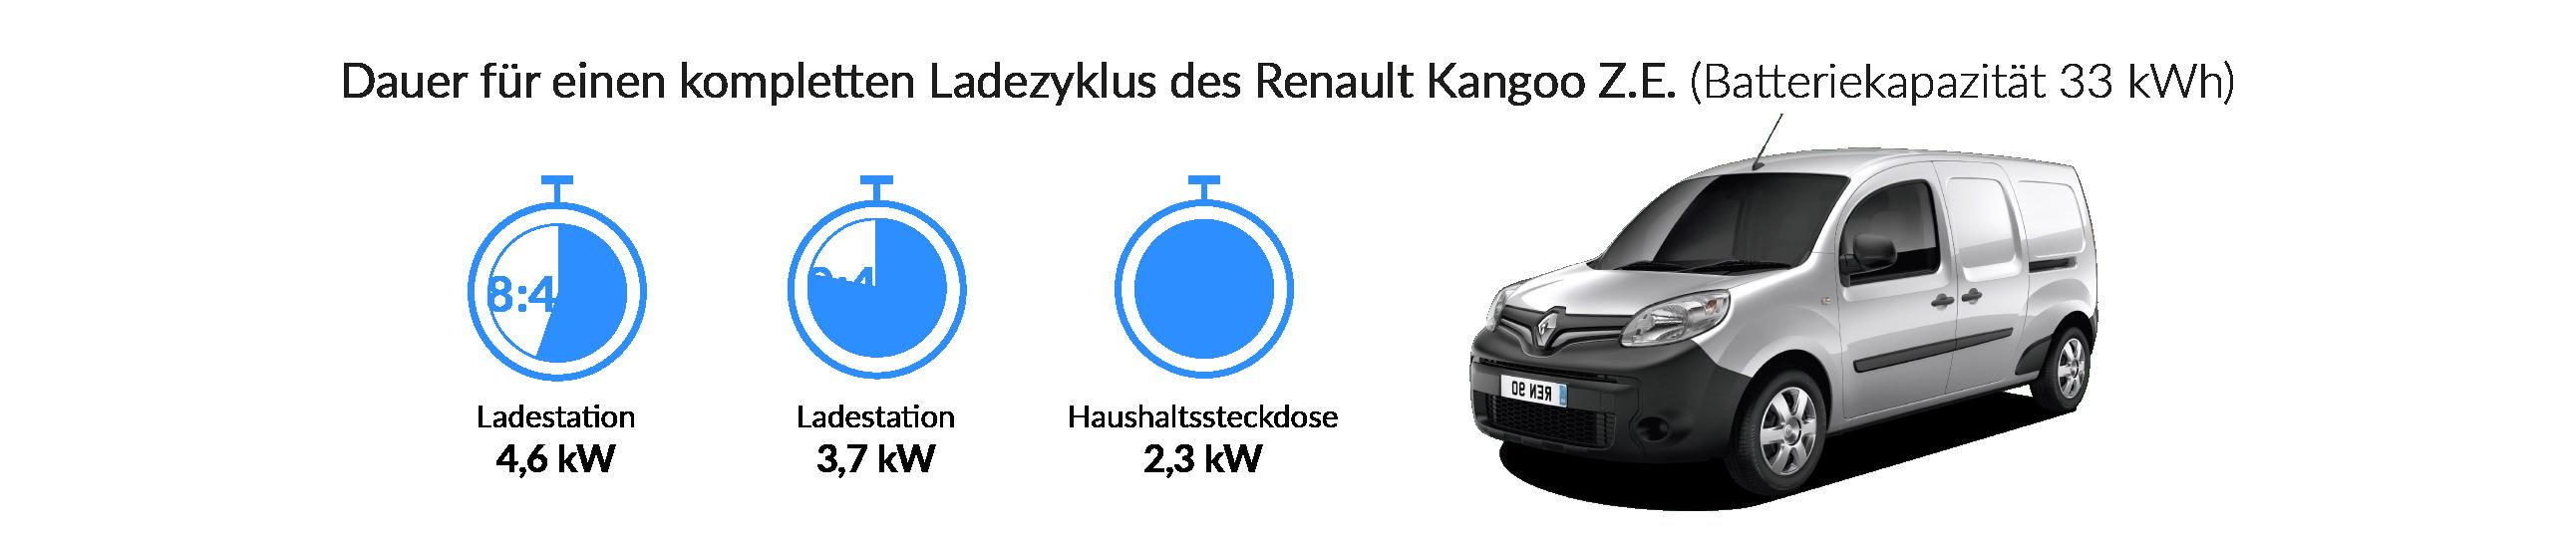 Ladezeiten des Renault Kangoo Z.E. (Typ 2)